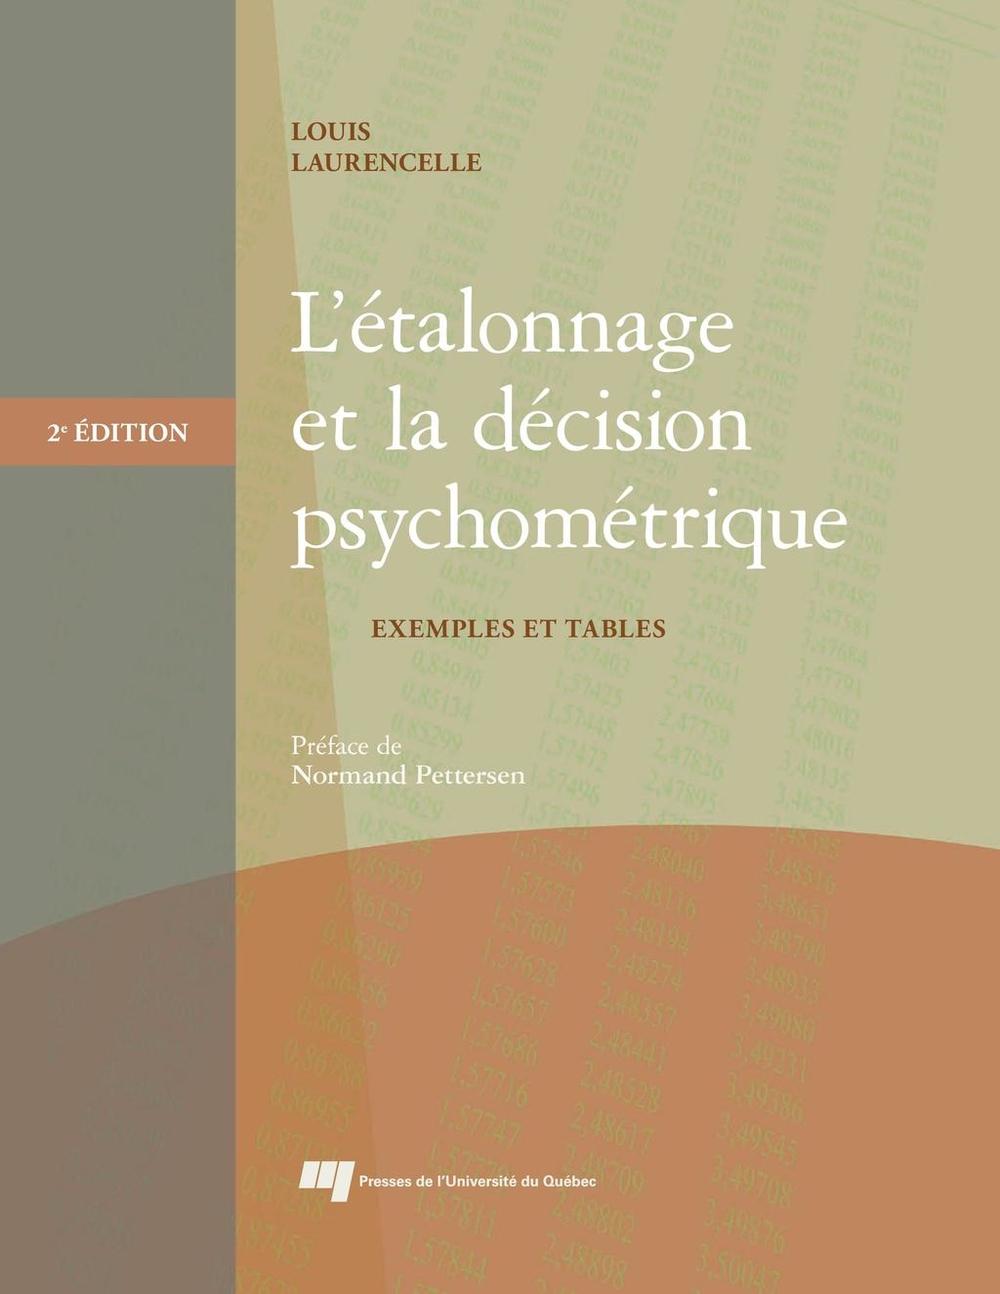 L'étalonnage et la décision psychométrique, 2e édition